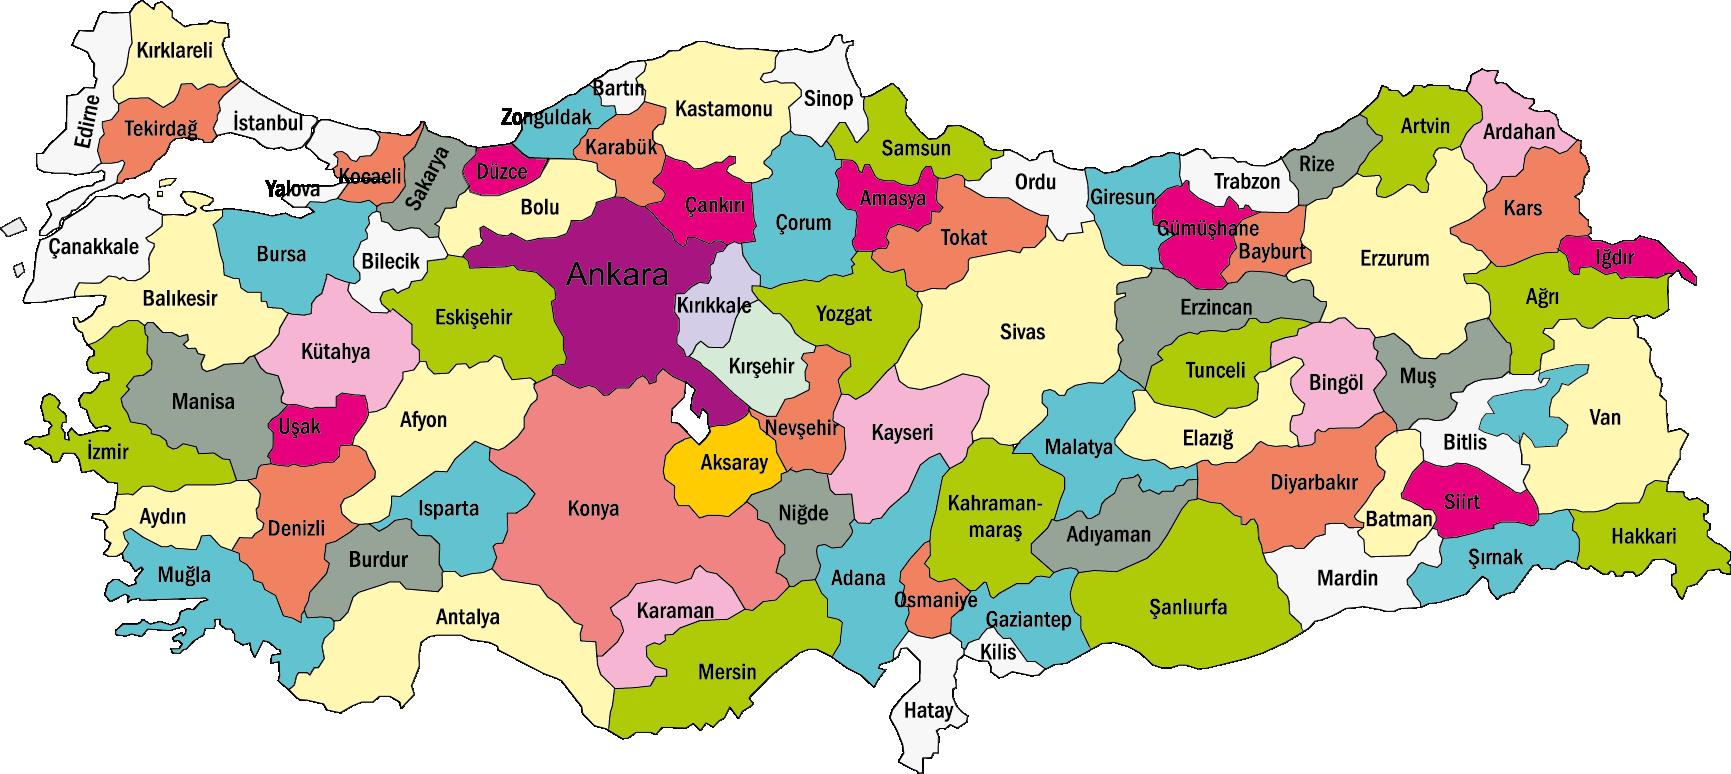 HD Turkey Map Türkiye Haritası Png.